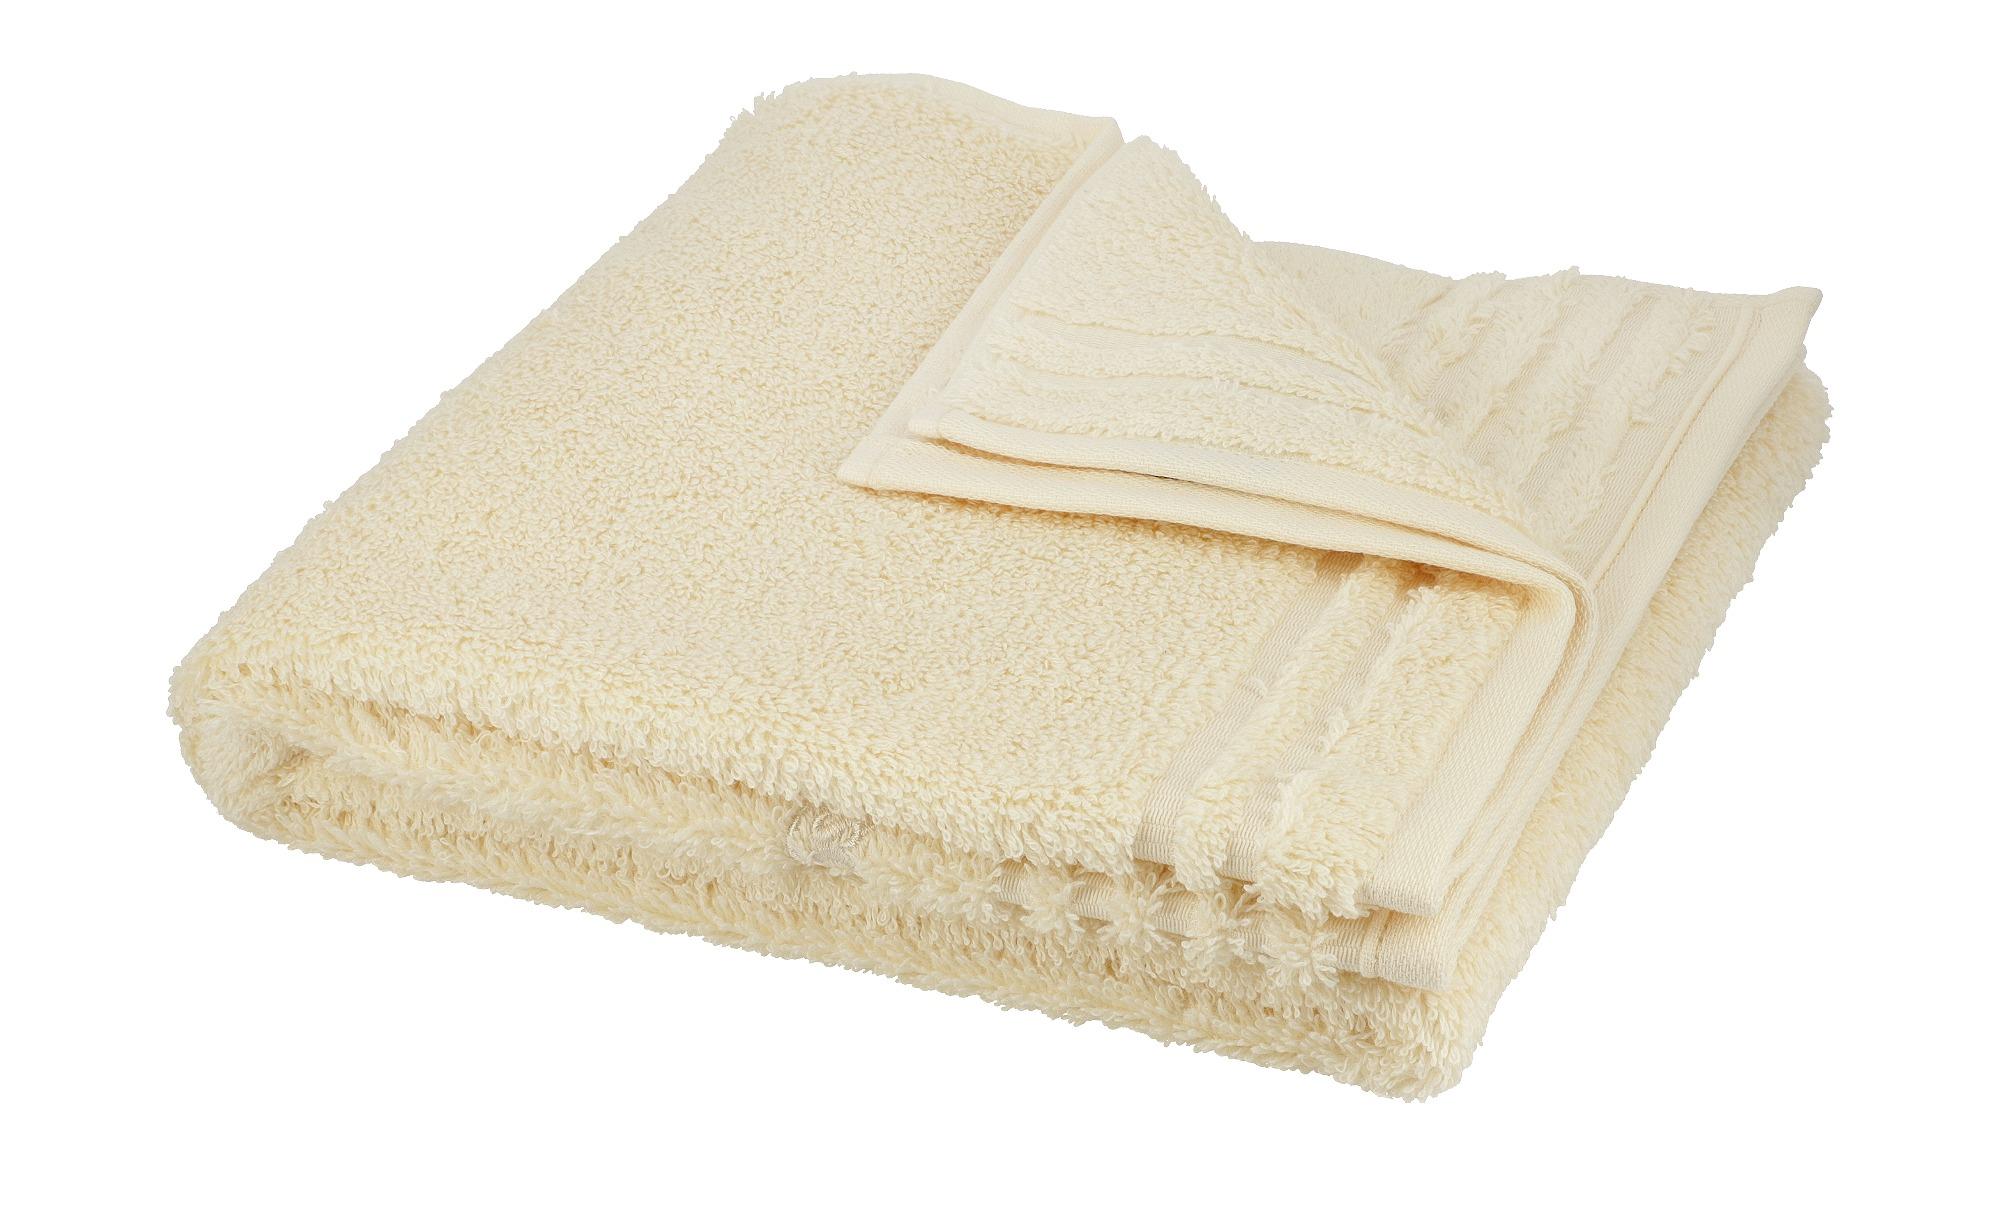 VOSSEN Handtuch  Vienna Supersoft ¦ creme ¦ 100% Baumwolle ¦ Maße (cm): B: 50 Badtextilien und Zubehör > Handtücher & Badetücher > Handtücher - Höffner